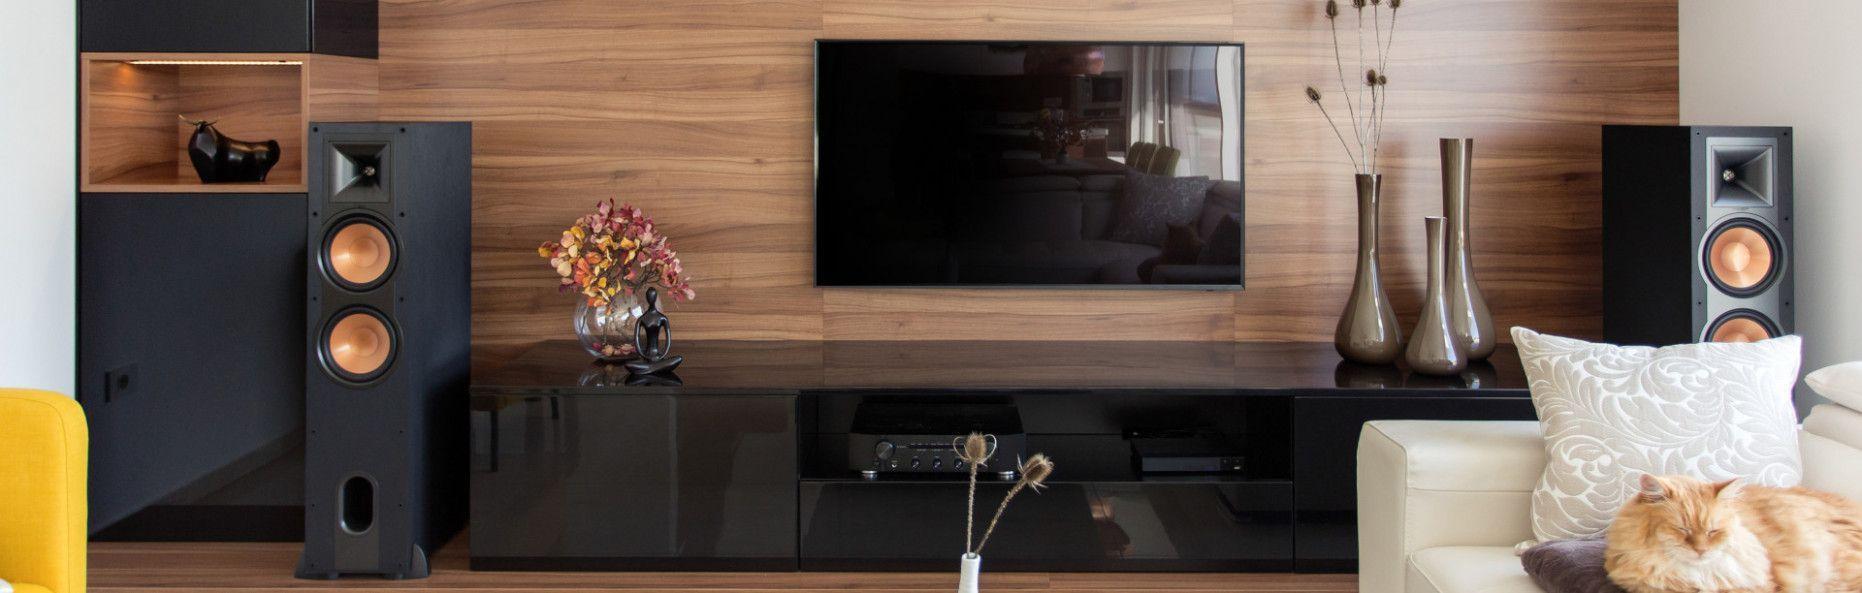 6 Wohnzimmerschrank Neu Gestalten - HEIMAT IDEEN - 6